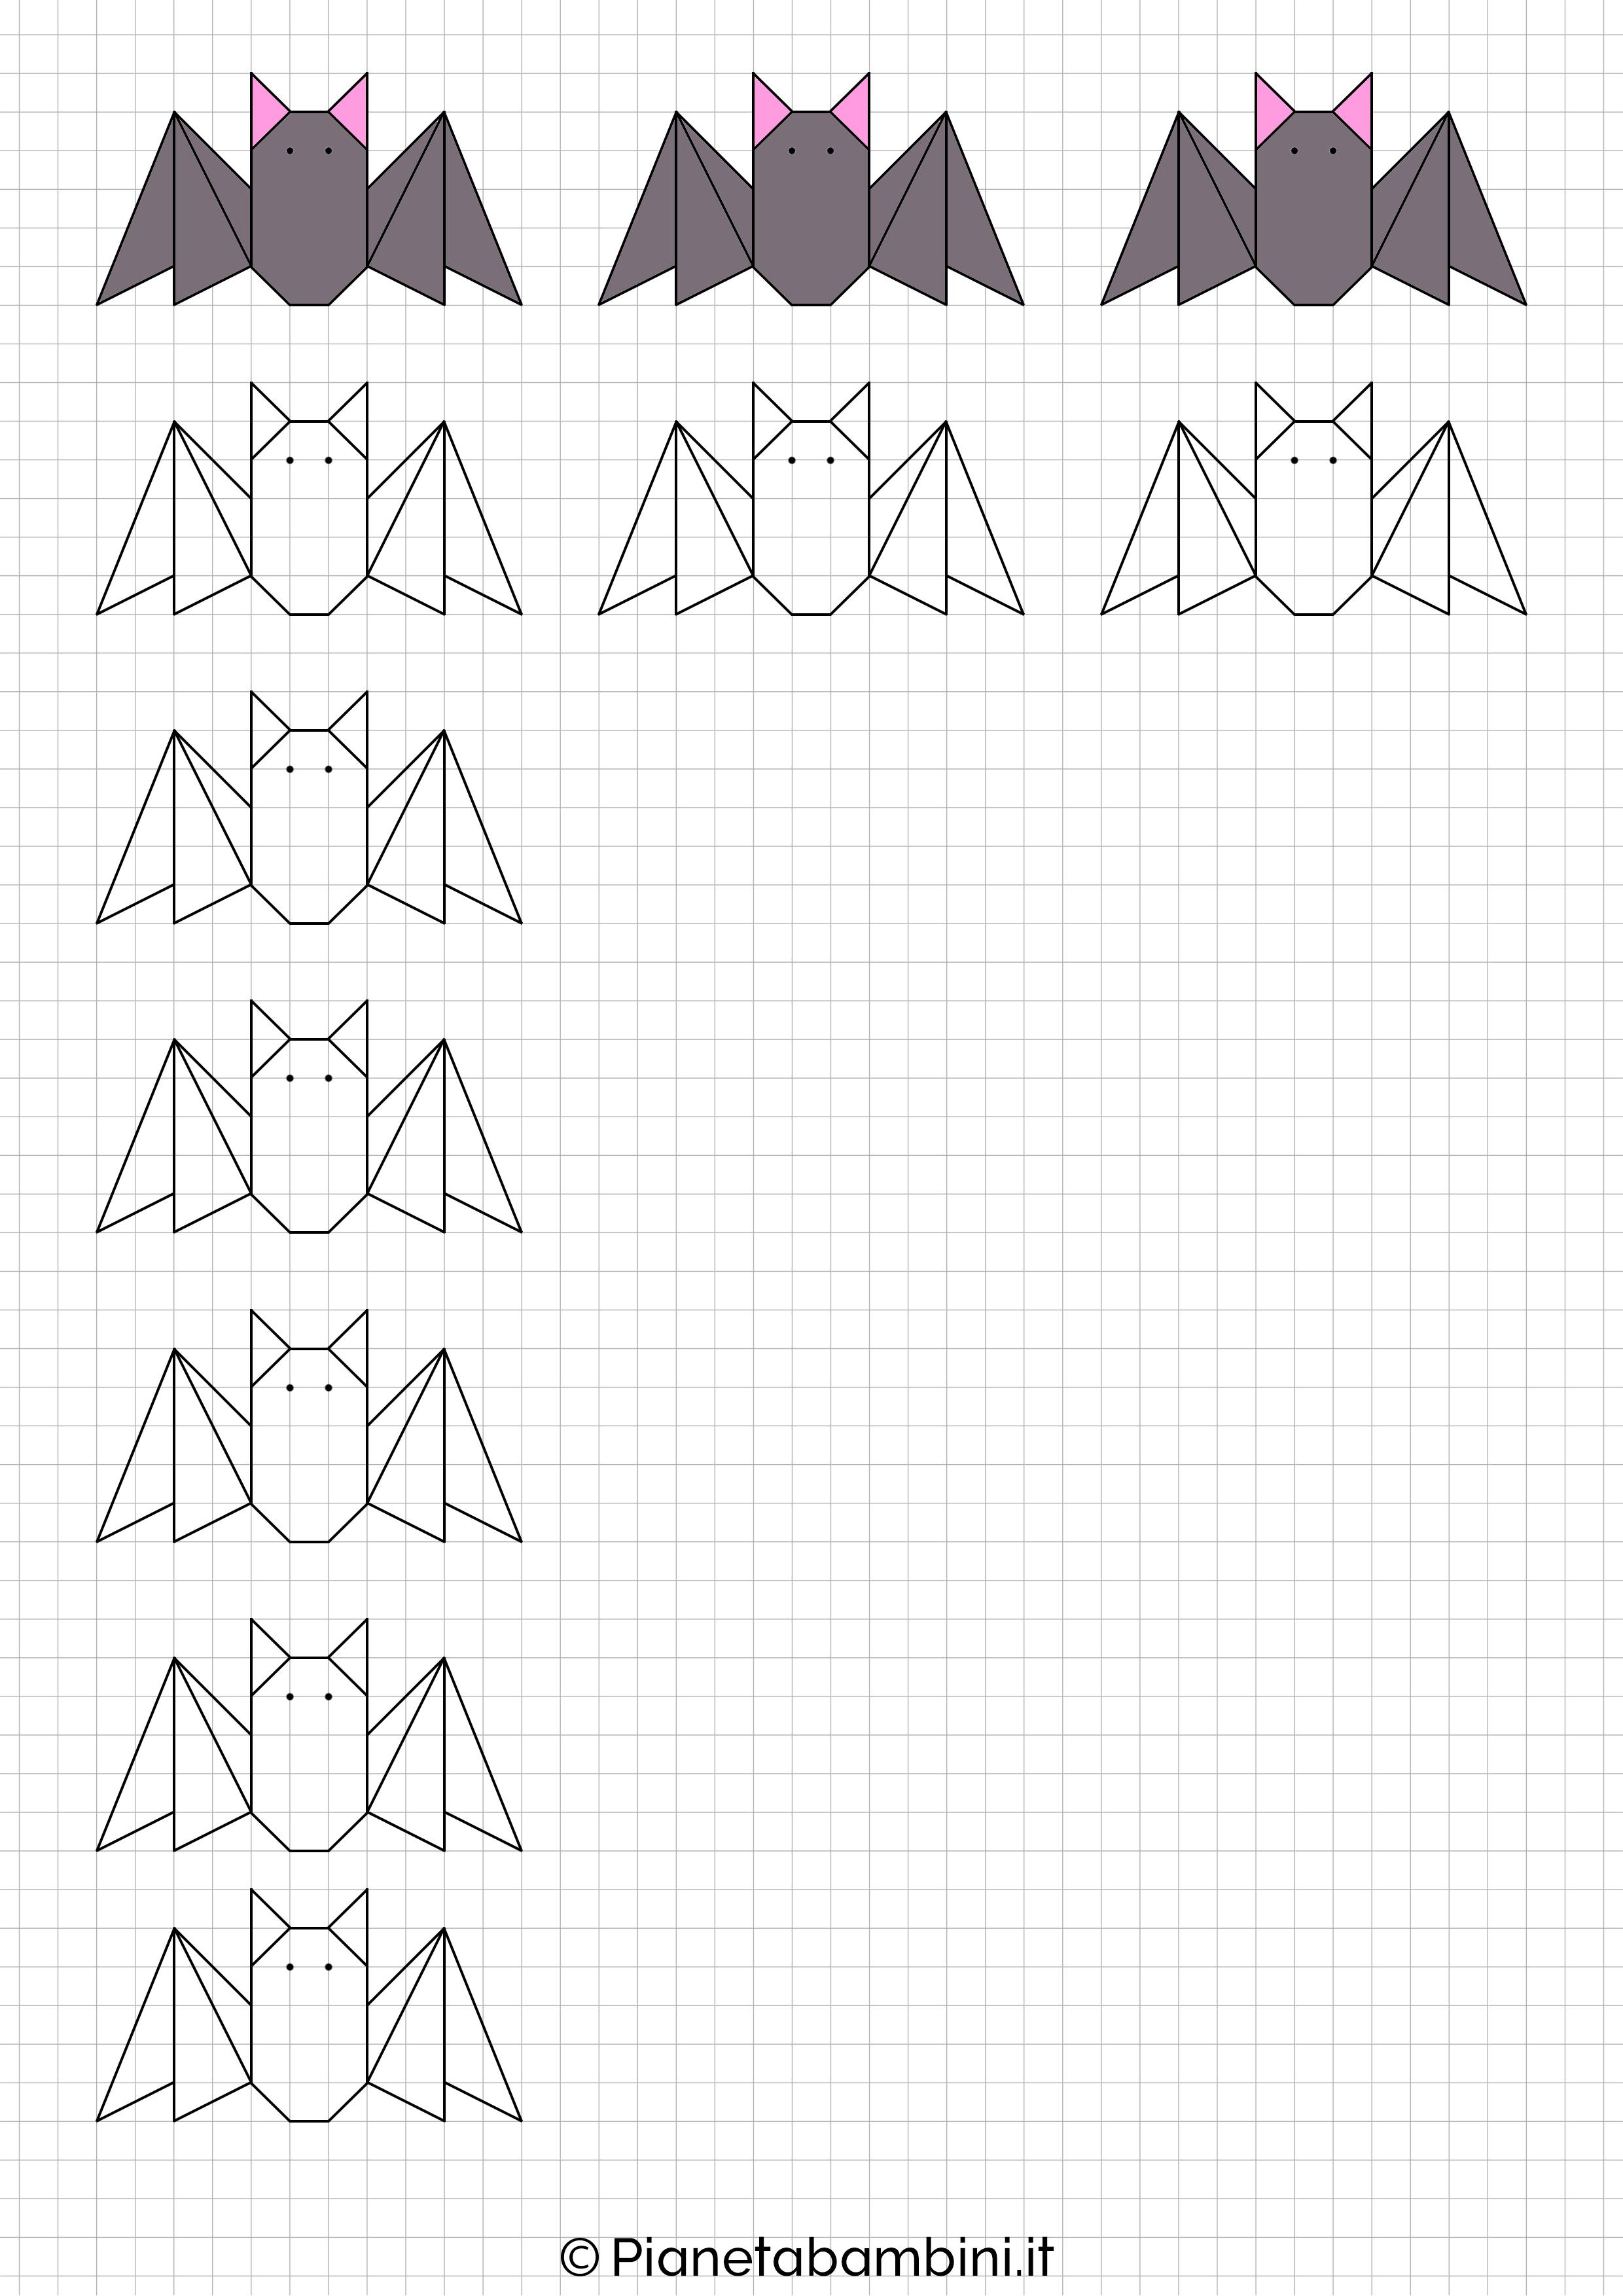 ejercicios de caligrafia para secundaria pdf gratis